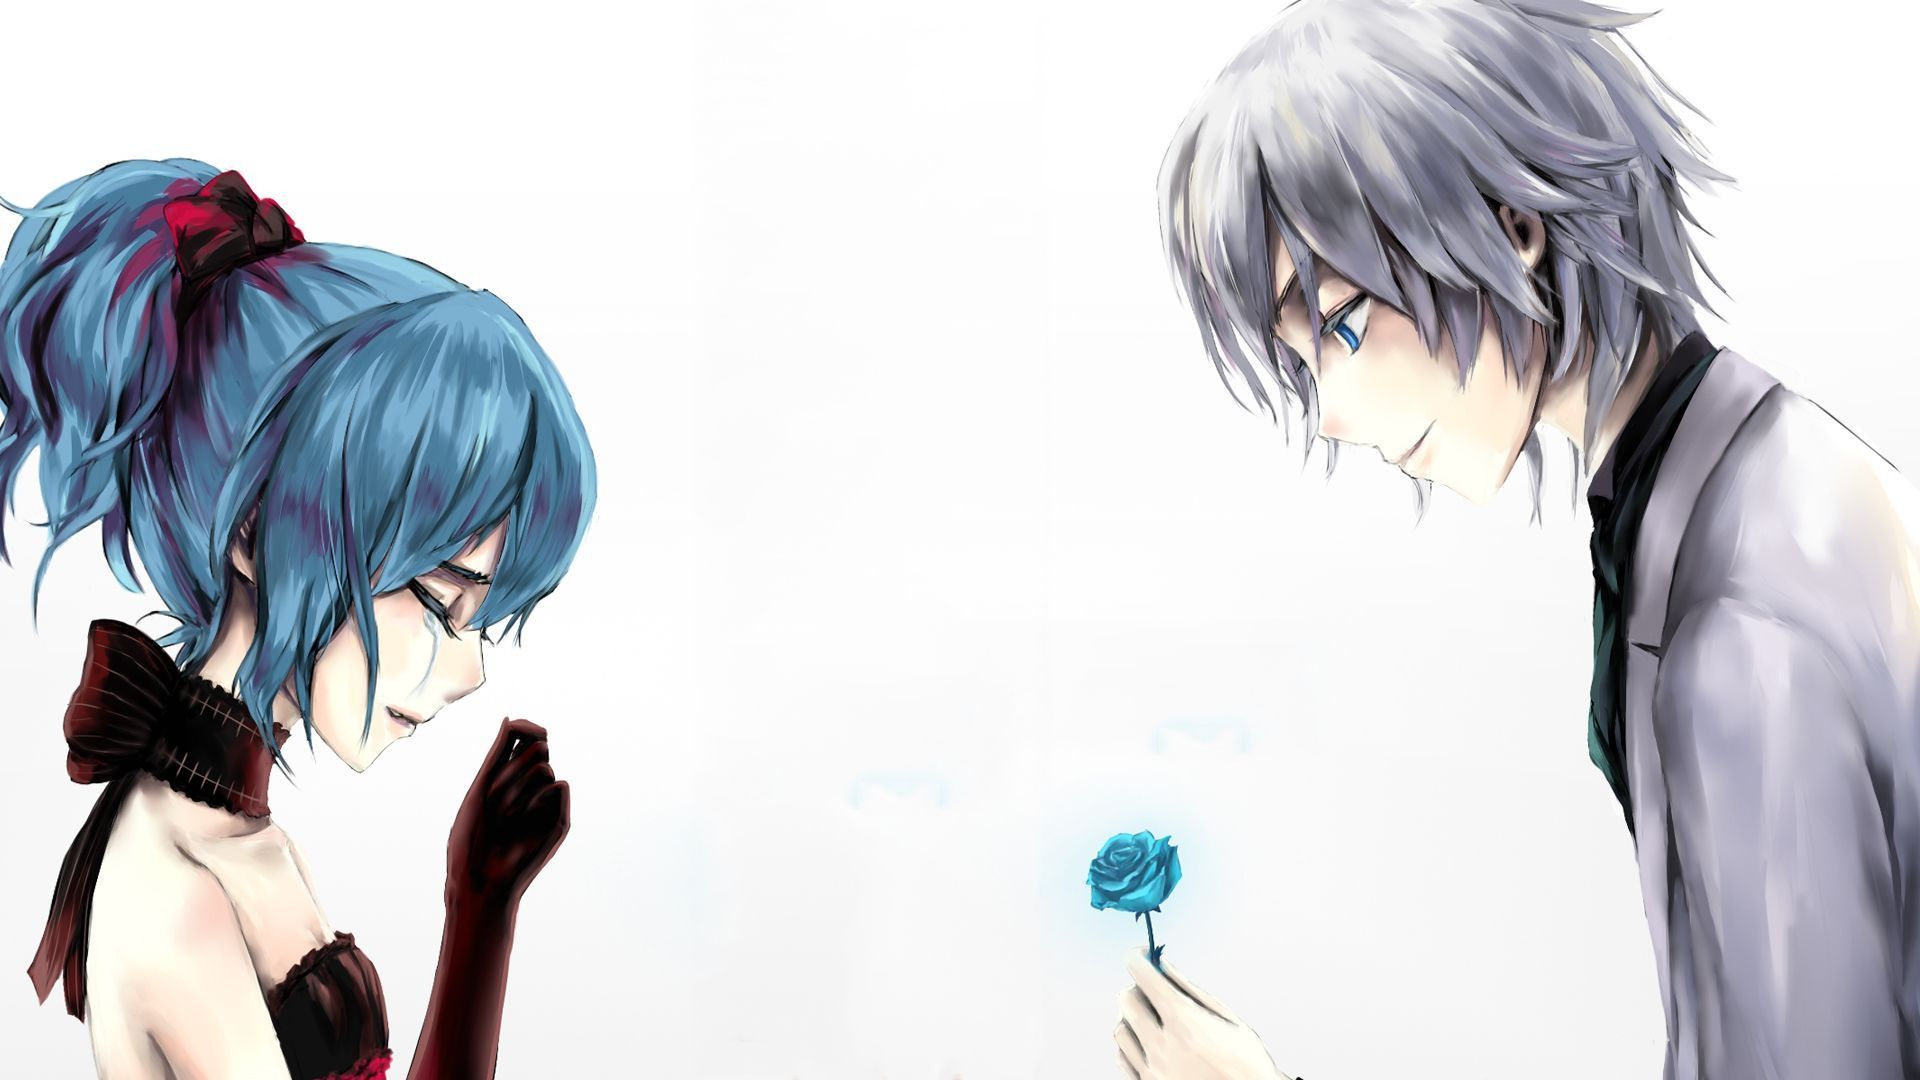 Ảnh Anime khóc xúc động